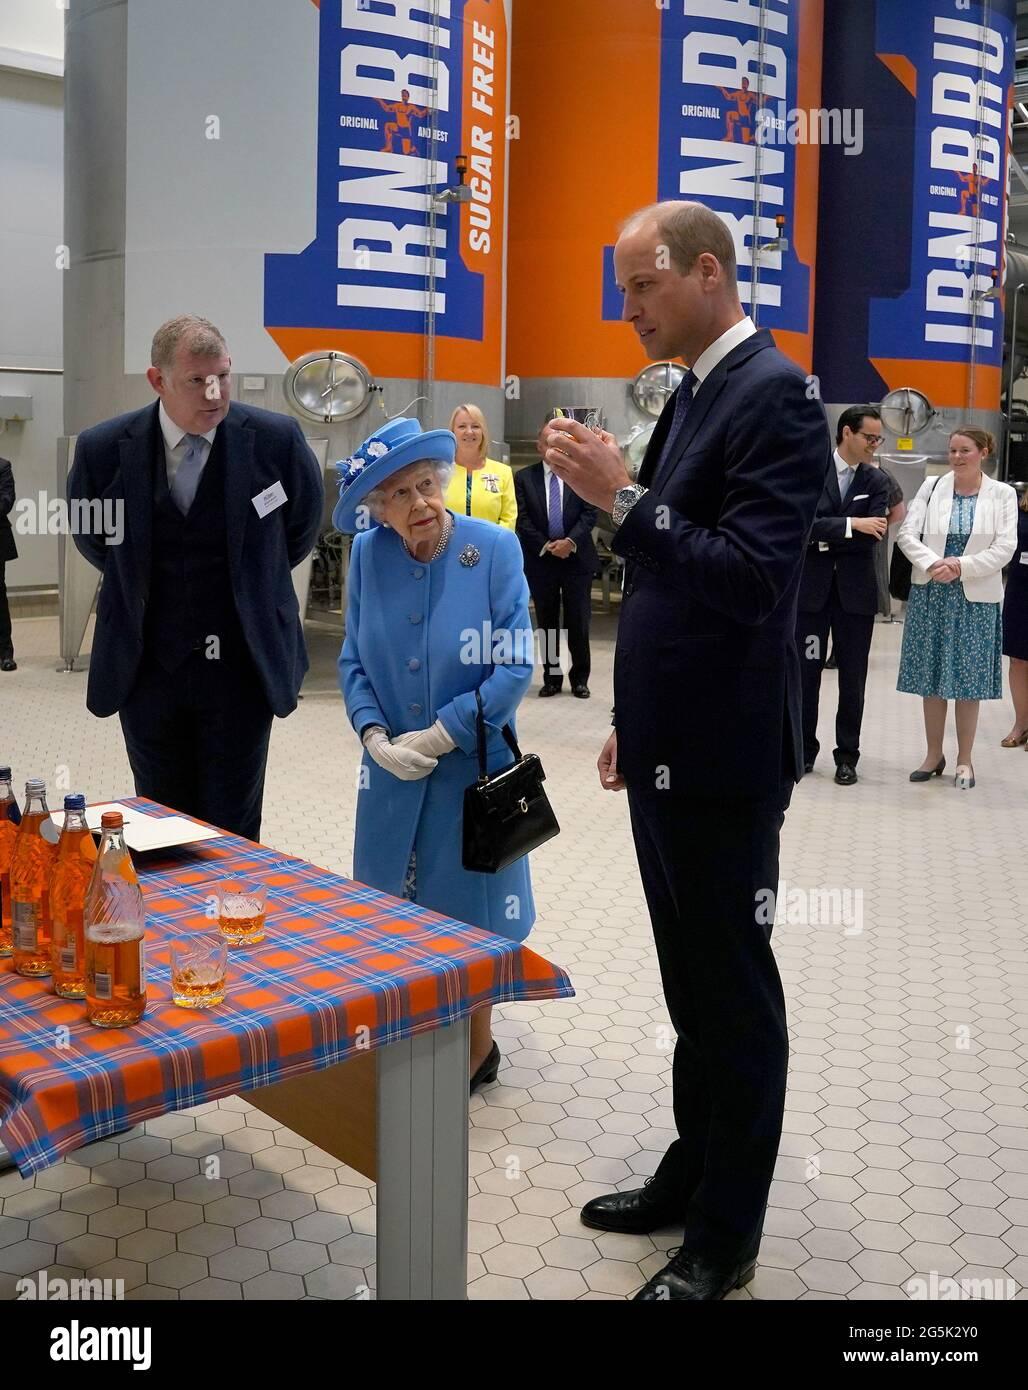 Königin Elizabeth II. Und der Herzog von Cambridge, bekannt als Earl of Strathearn in Schottland, als er Irn Bru während eines Besuchs in AG Barrs Fabrik in Cumbernauld, wo der Irn-Brugetränk hergestellt wird, im Rahmen ihrer traditionellen Reise nach Schottland für die Holyrood Week probeweise. Bilddatum: Montag, 28. Juni 2021. Stockfoto